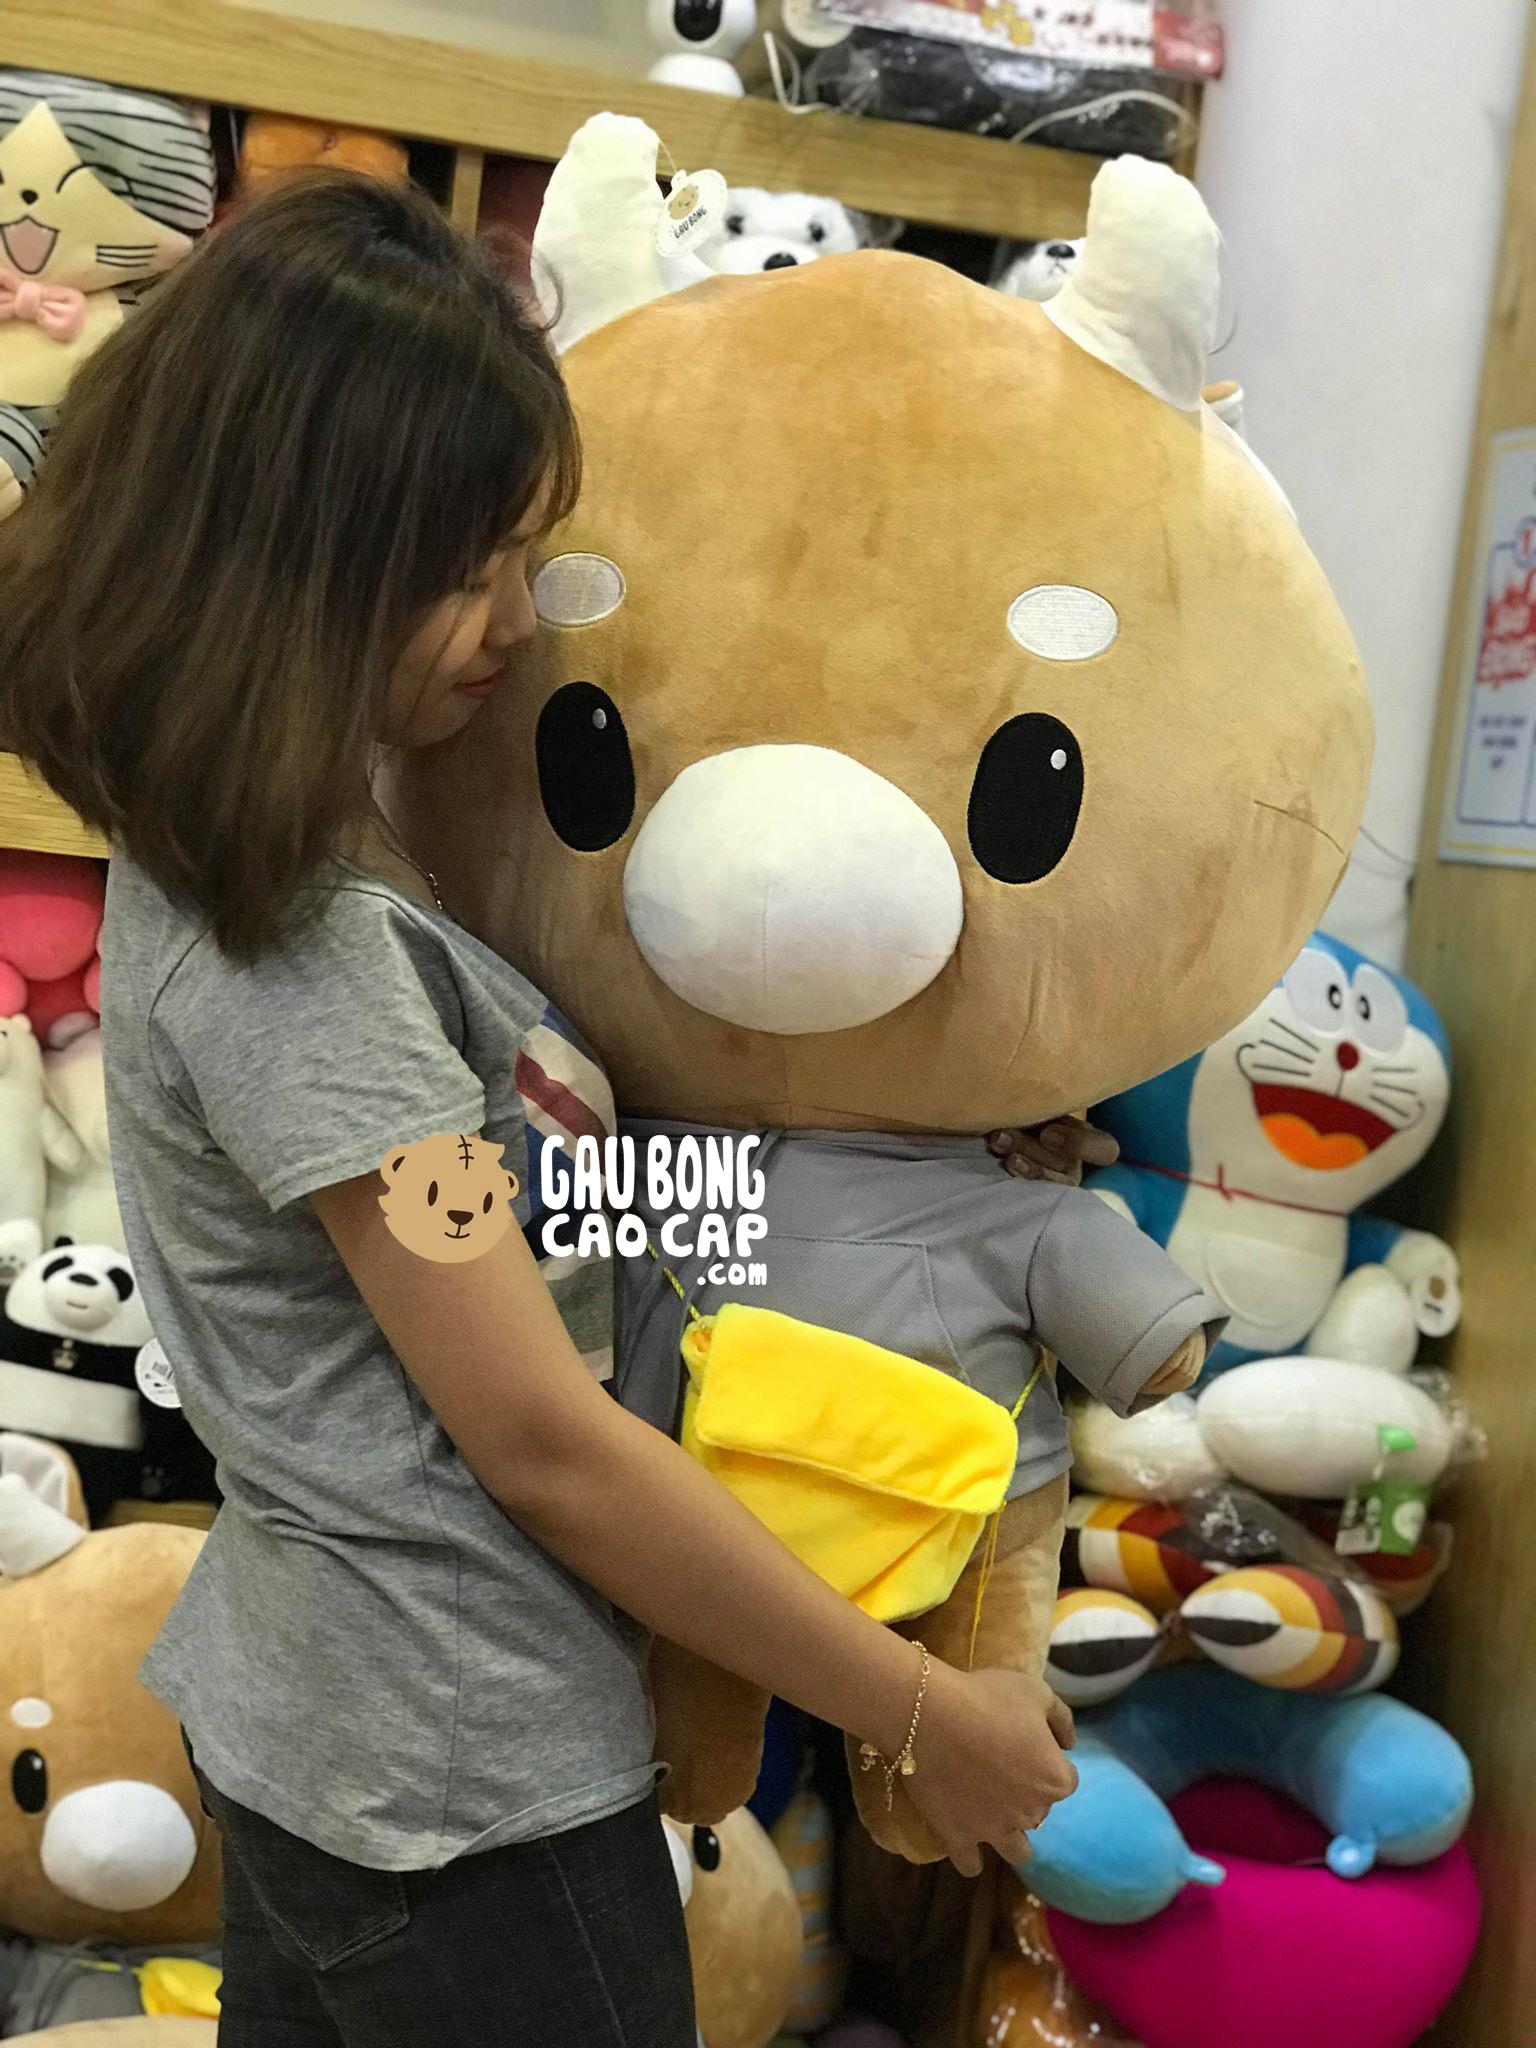 Bò Chăm Chỉ Size 1m - Phim Thư Ký Kim